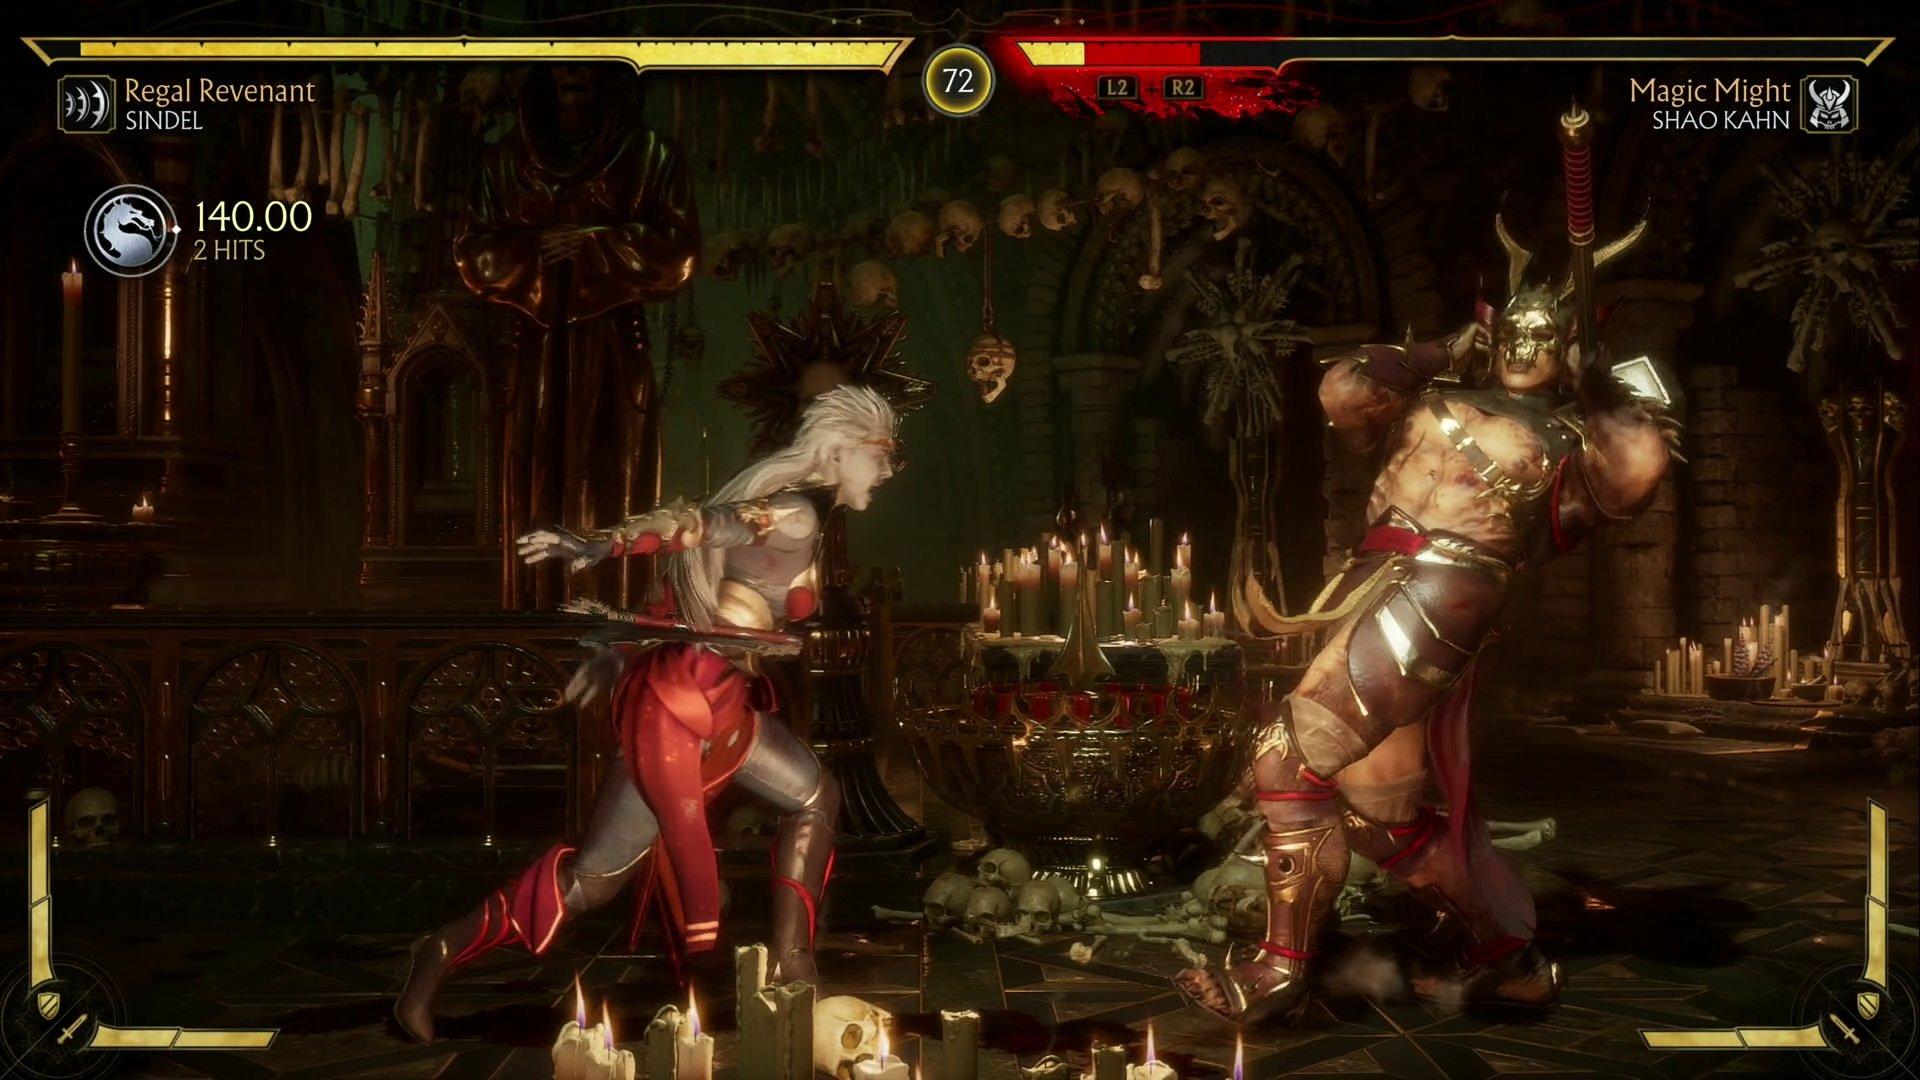 Mortal Kombat 11 - Sindel